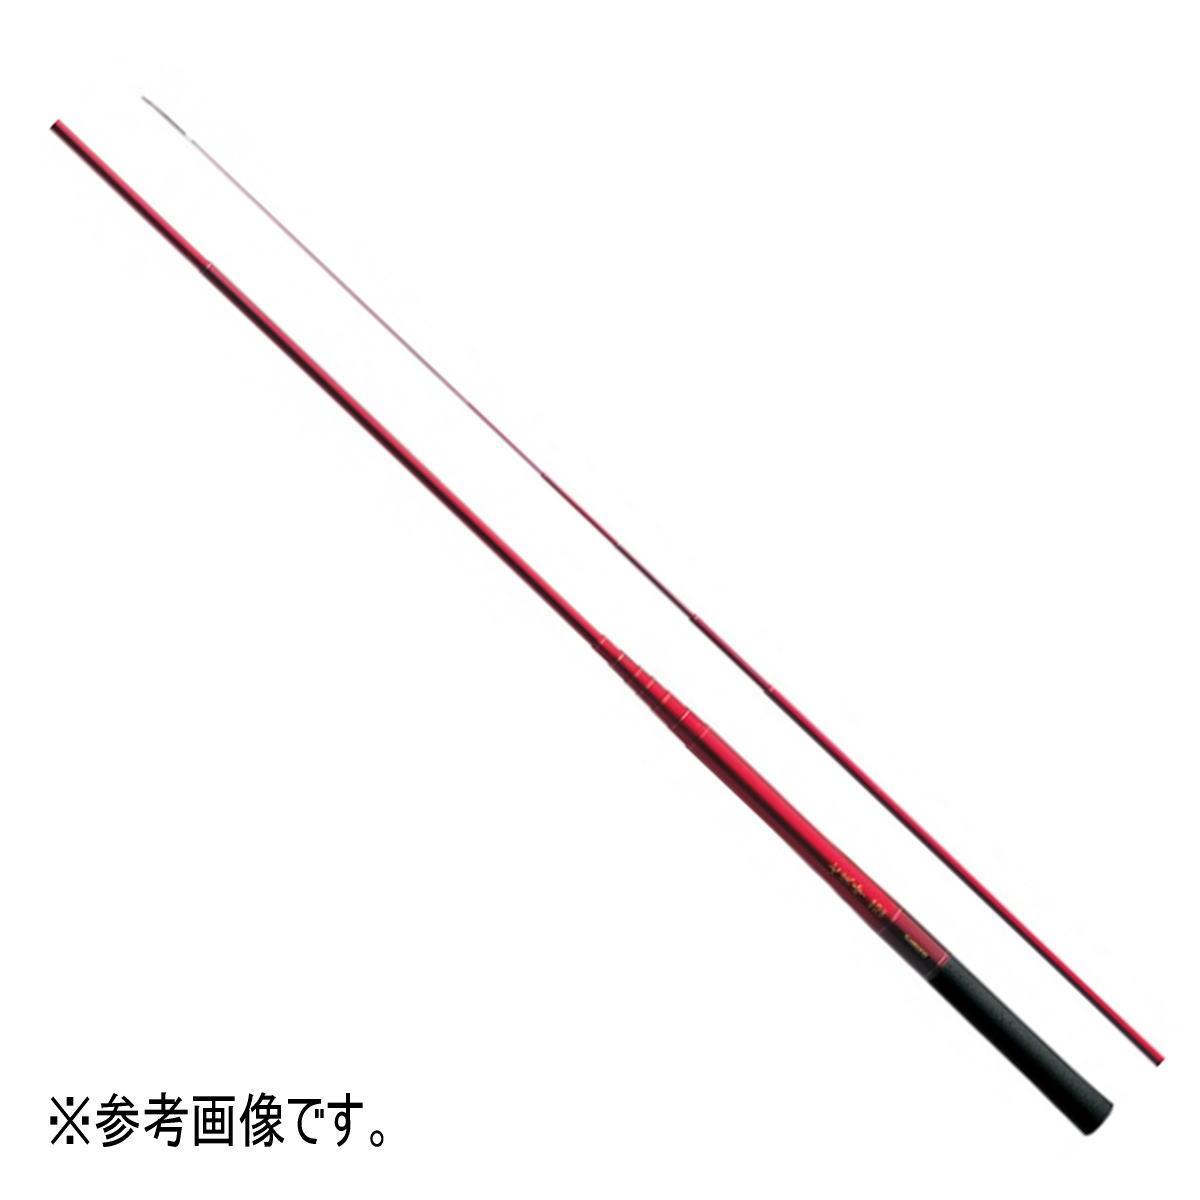 【送料無料5】シマノ 七渓峰 ZK 硬調 53